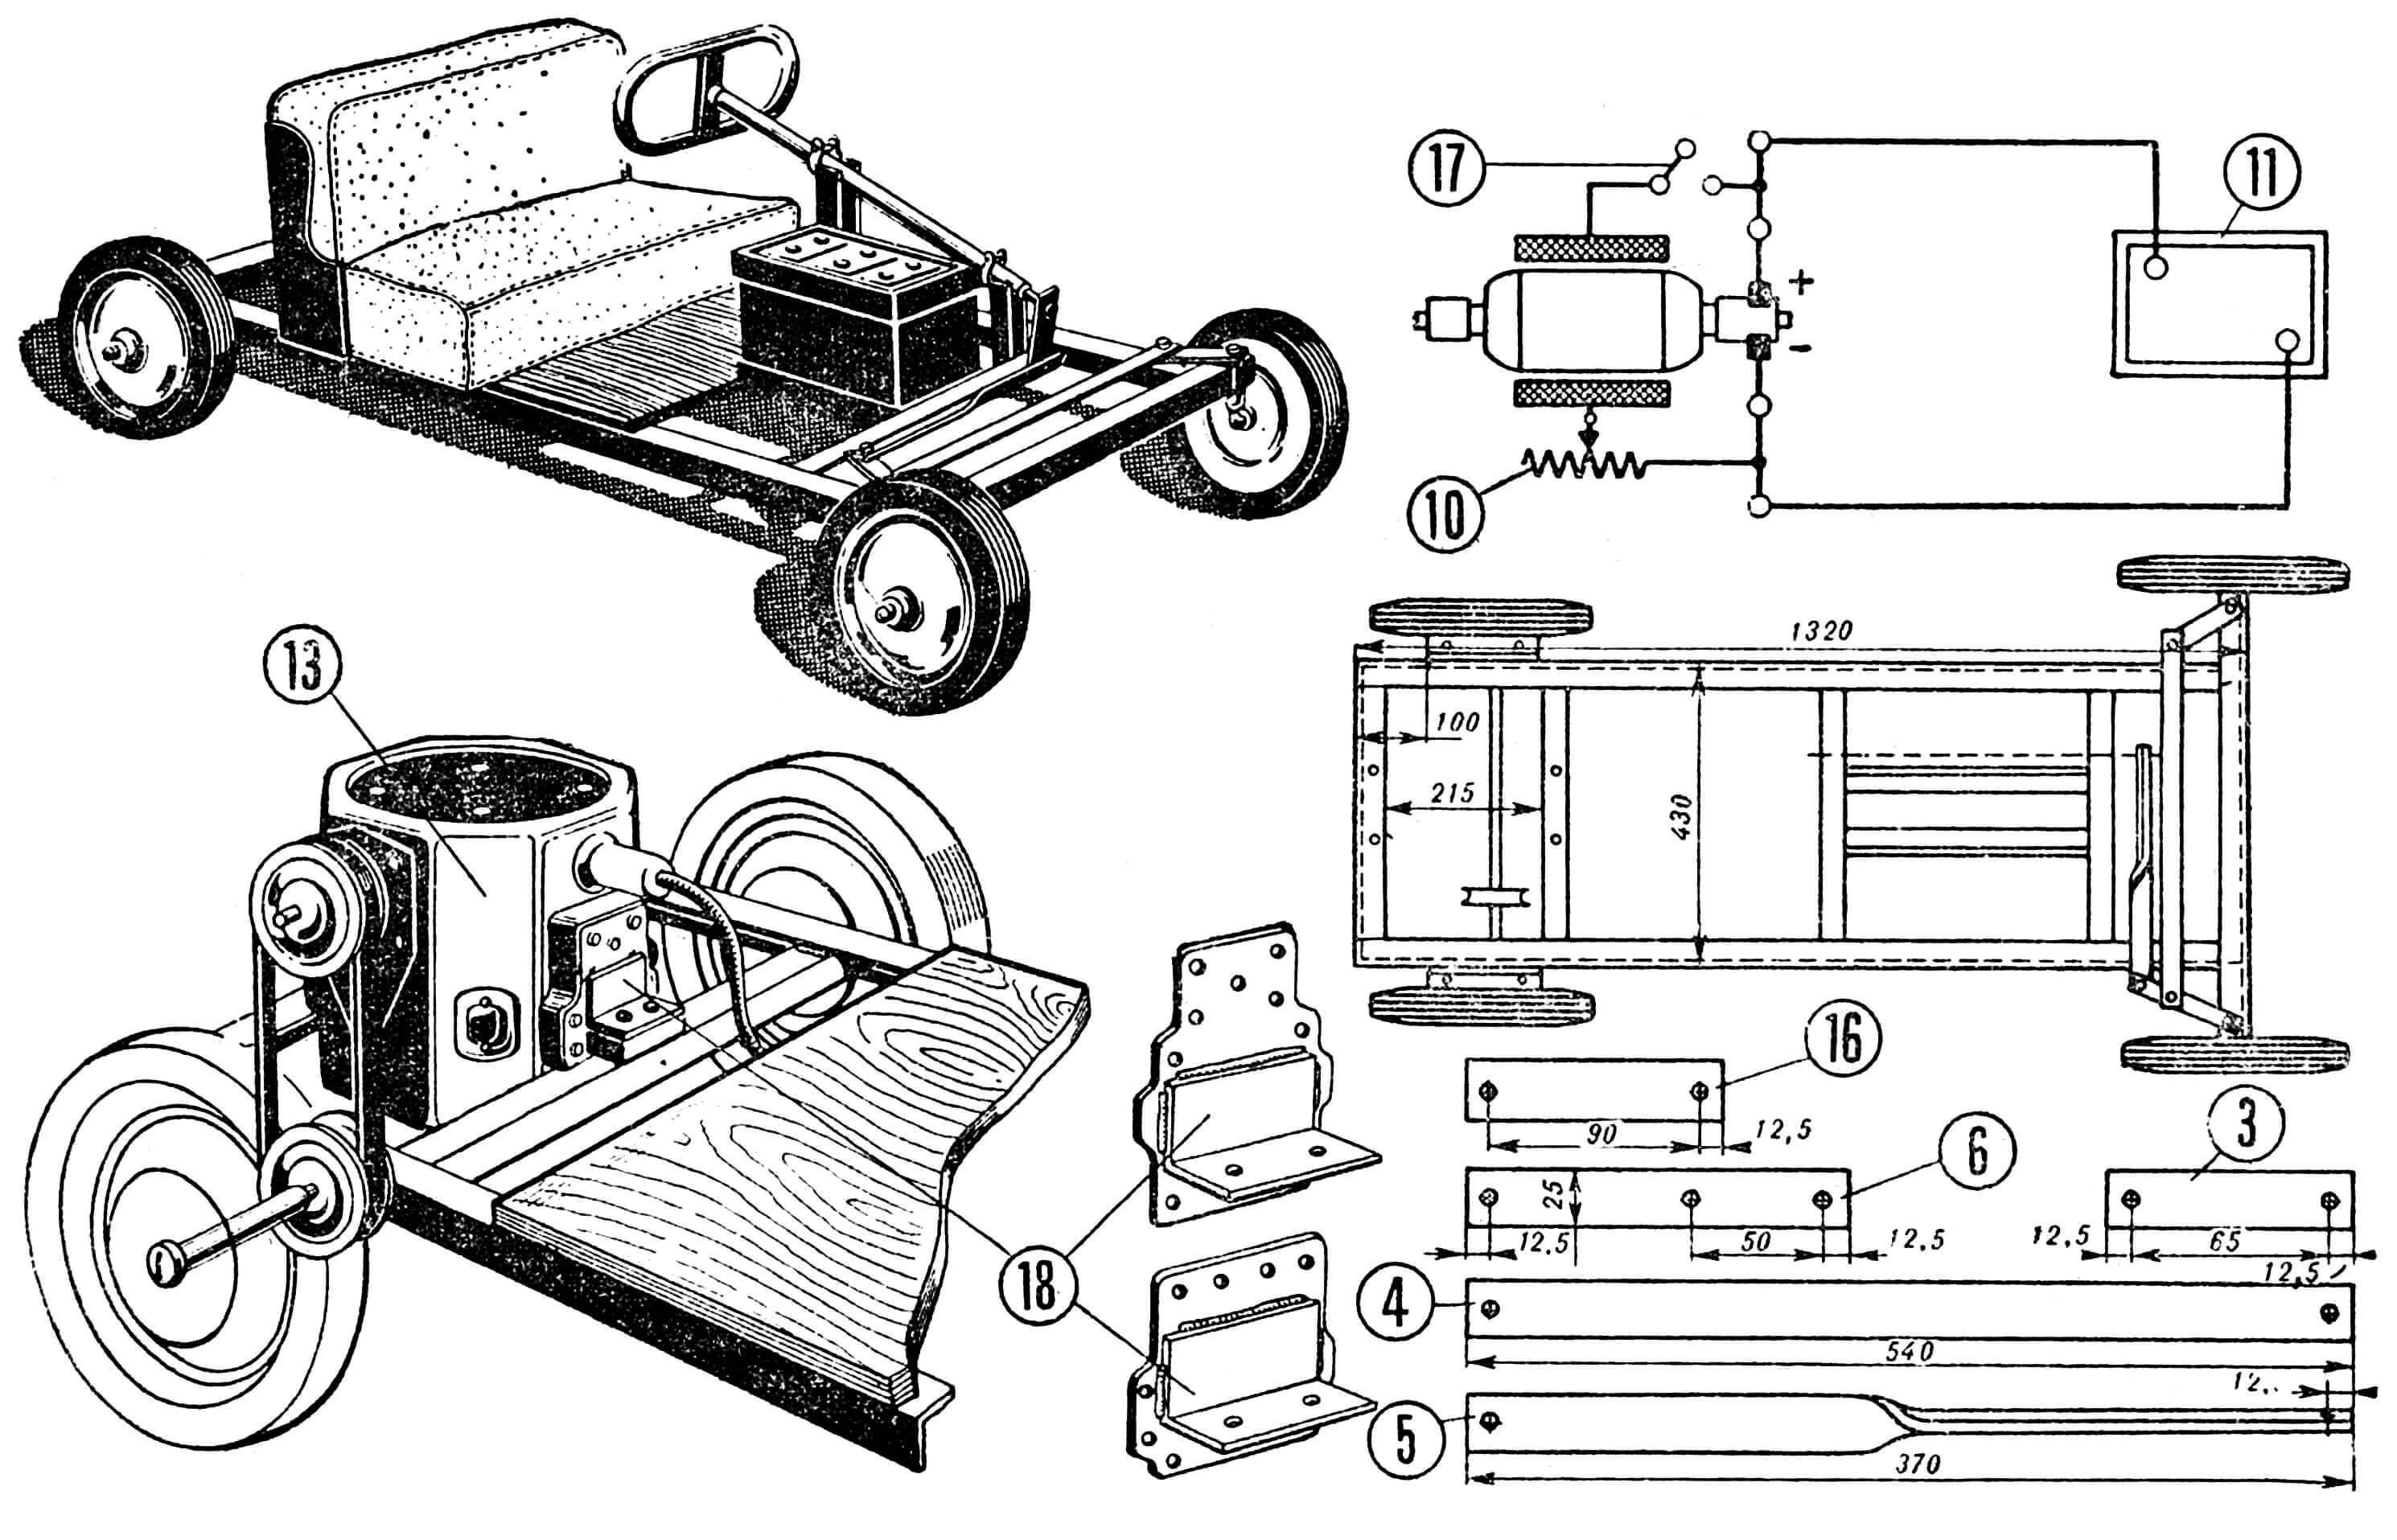 РИС. 2. ПРОСТЕЙШИЙ ВАРИАНТ. 1 — рулевое колесо; 2 — рулевой вал; 3 — рулевая сошка; 4 — соединительная планка; 5 — рулевая тяга; 6 — рычаг поворотной цапфы; 7 — поворотная цапфа; 8 — лонжерон рамы; 9— подшипник; 10 — реостат; 11 — аккумуляторная батарея; 12 — резиновая подушка; 13 — корпус; 14 — ось редуктора и шкив ременной передачи; 15 — стойка; 16 — рычаг поворотной цапфы; 17 — выключатель; 18 — кронштейн.